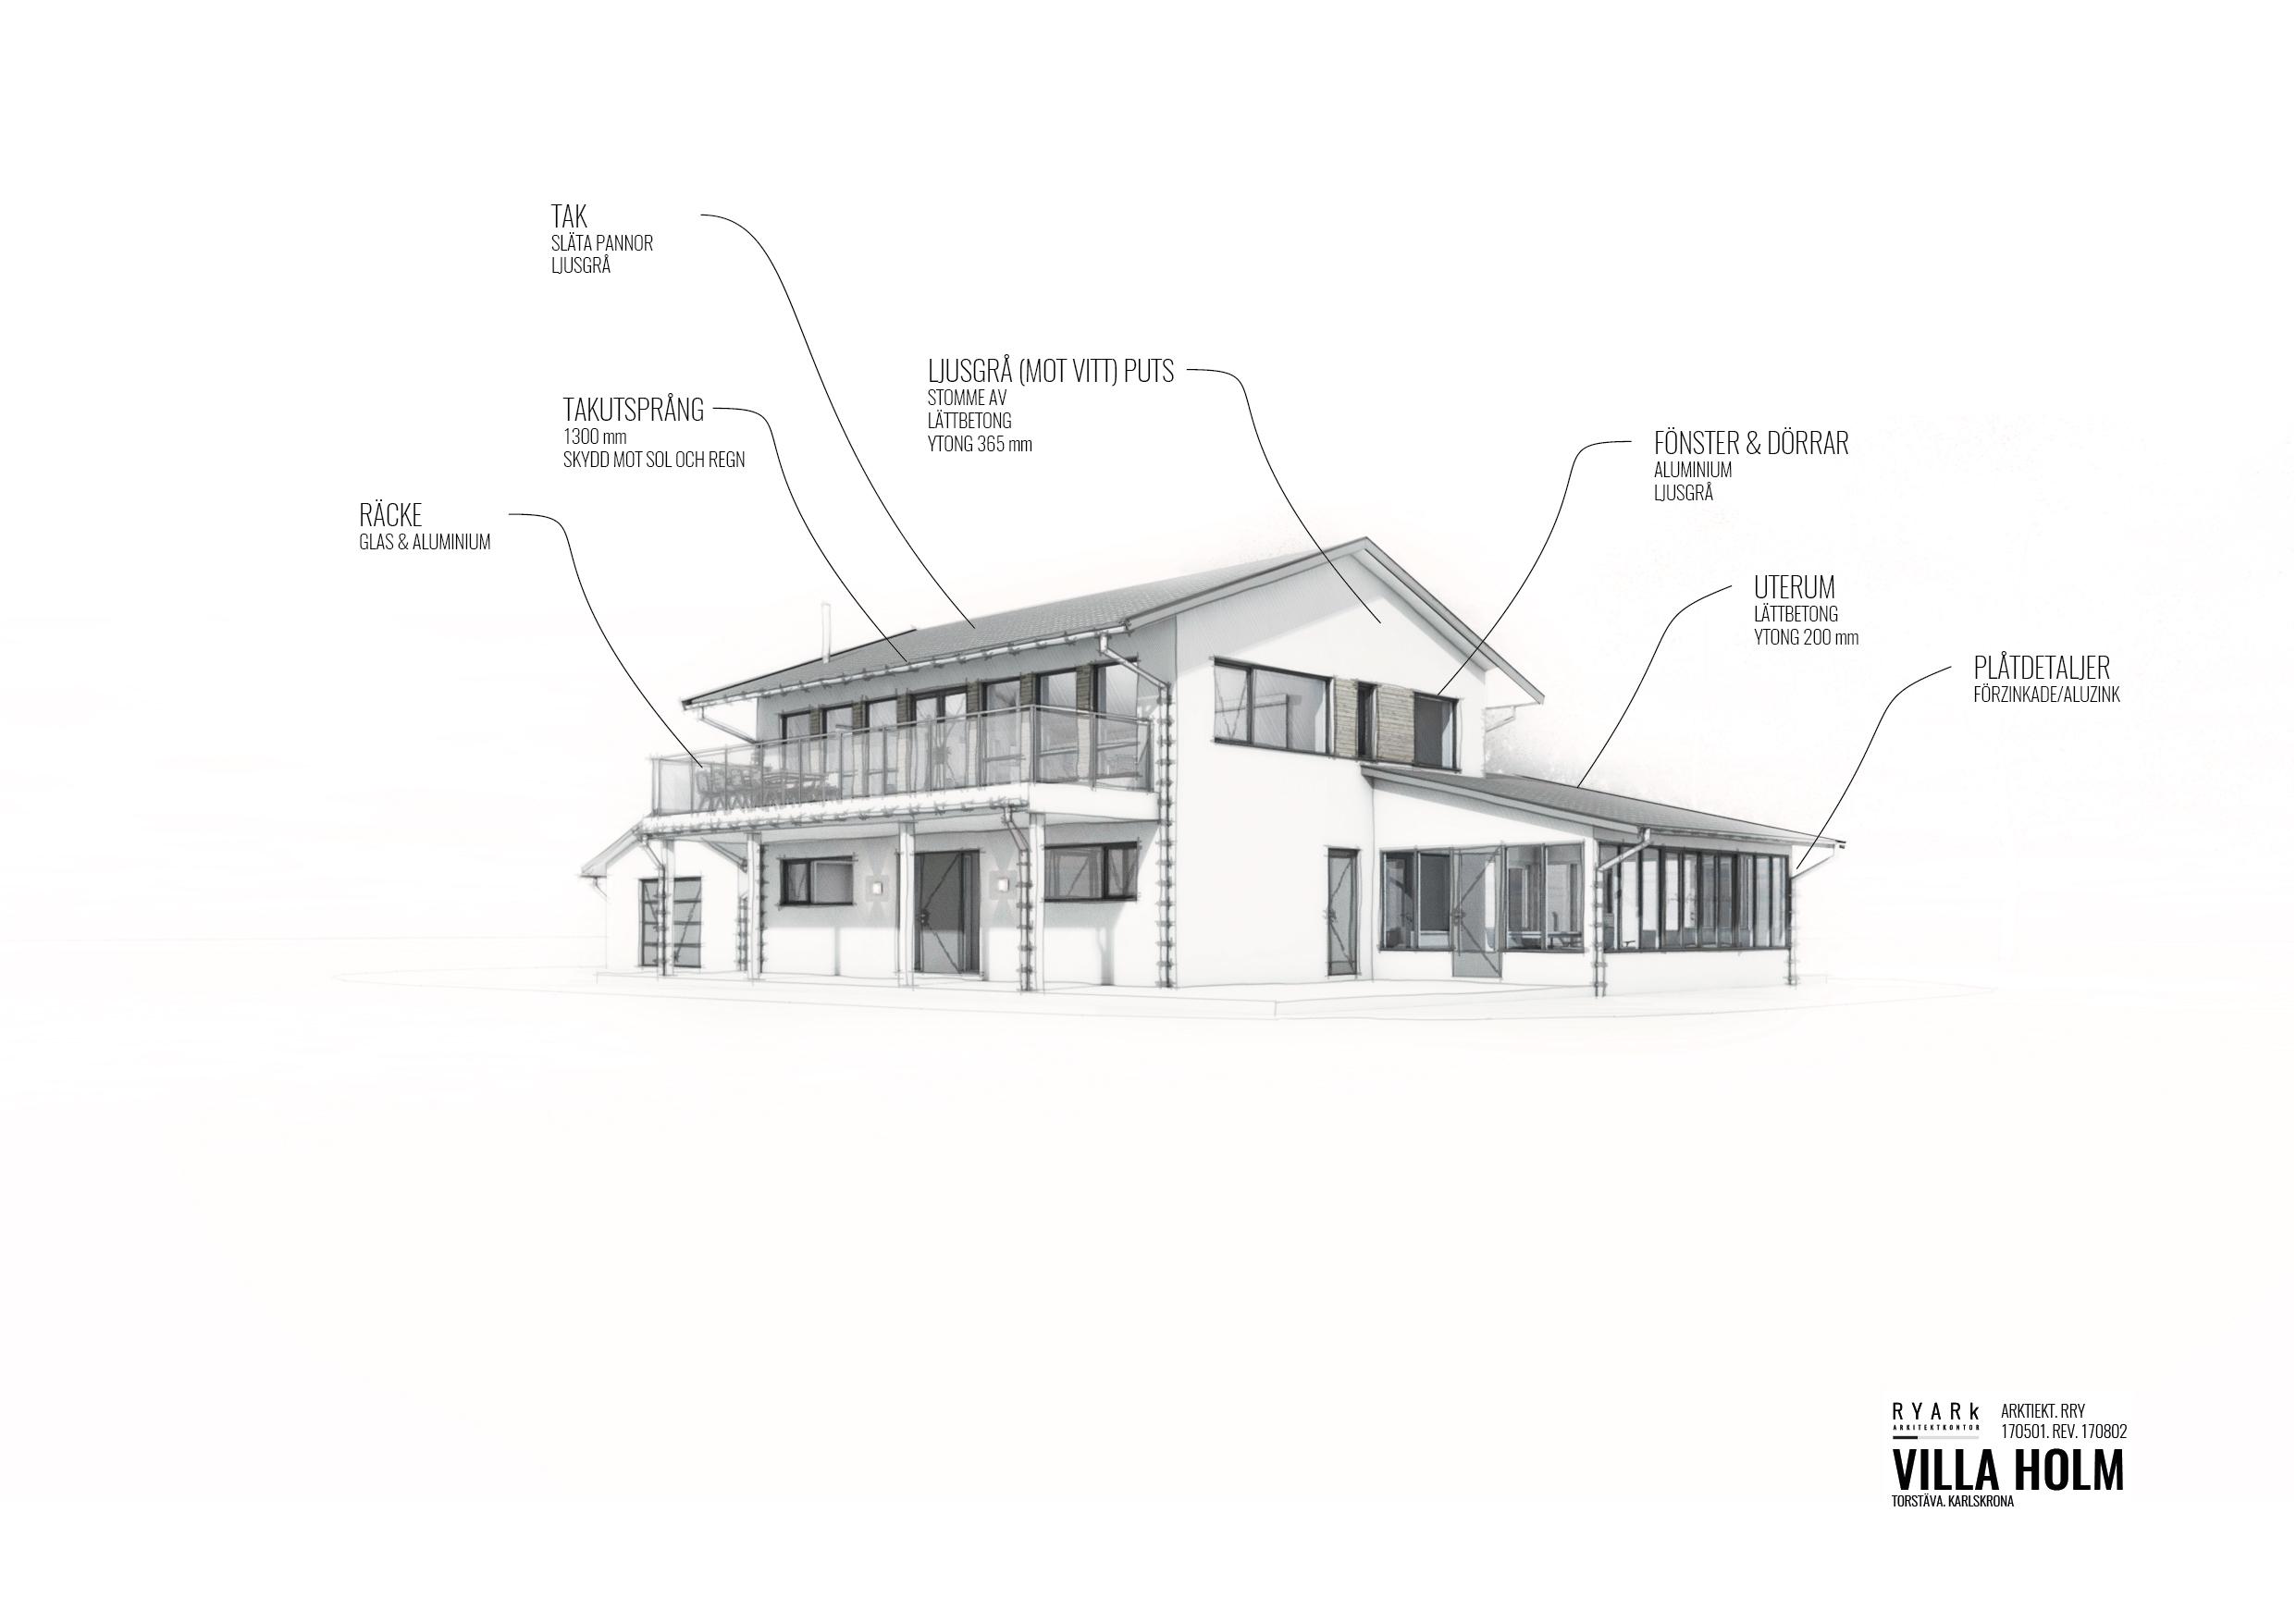 Villa lättbetong Karlskrona puts arkitekt